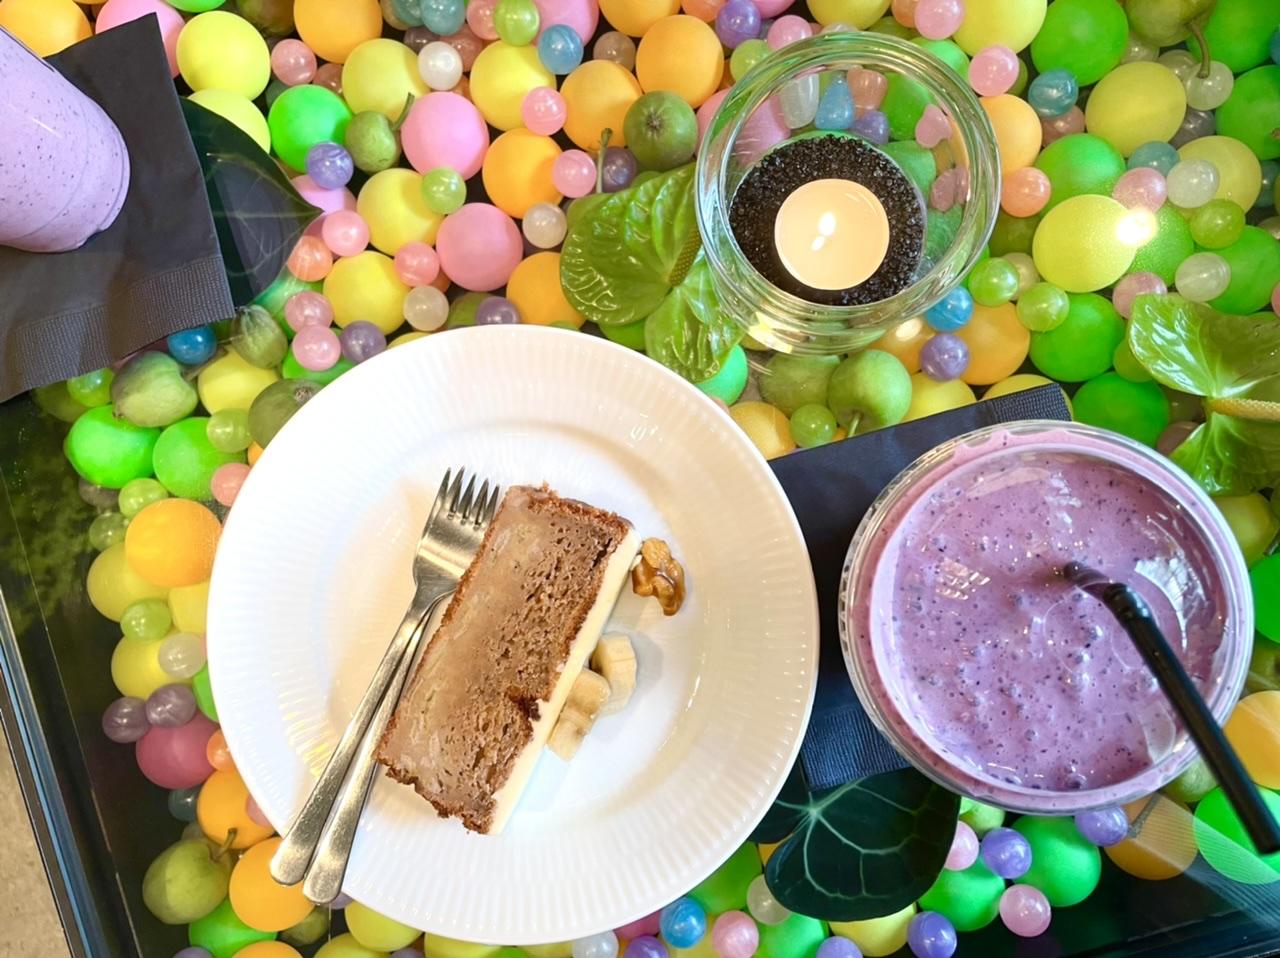 【濃厚スムージーで満足感100%】healthy &beautyにカフェを楽しみたいならココ!_10